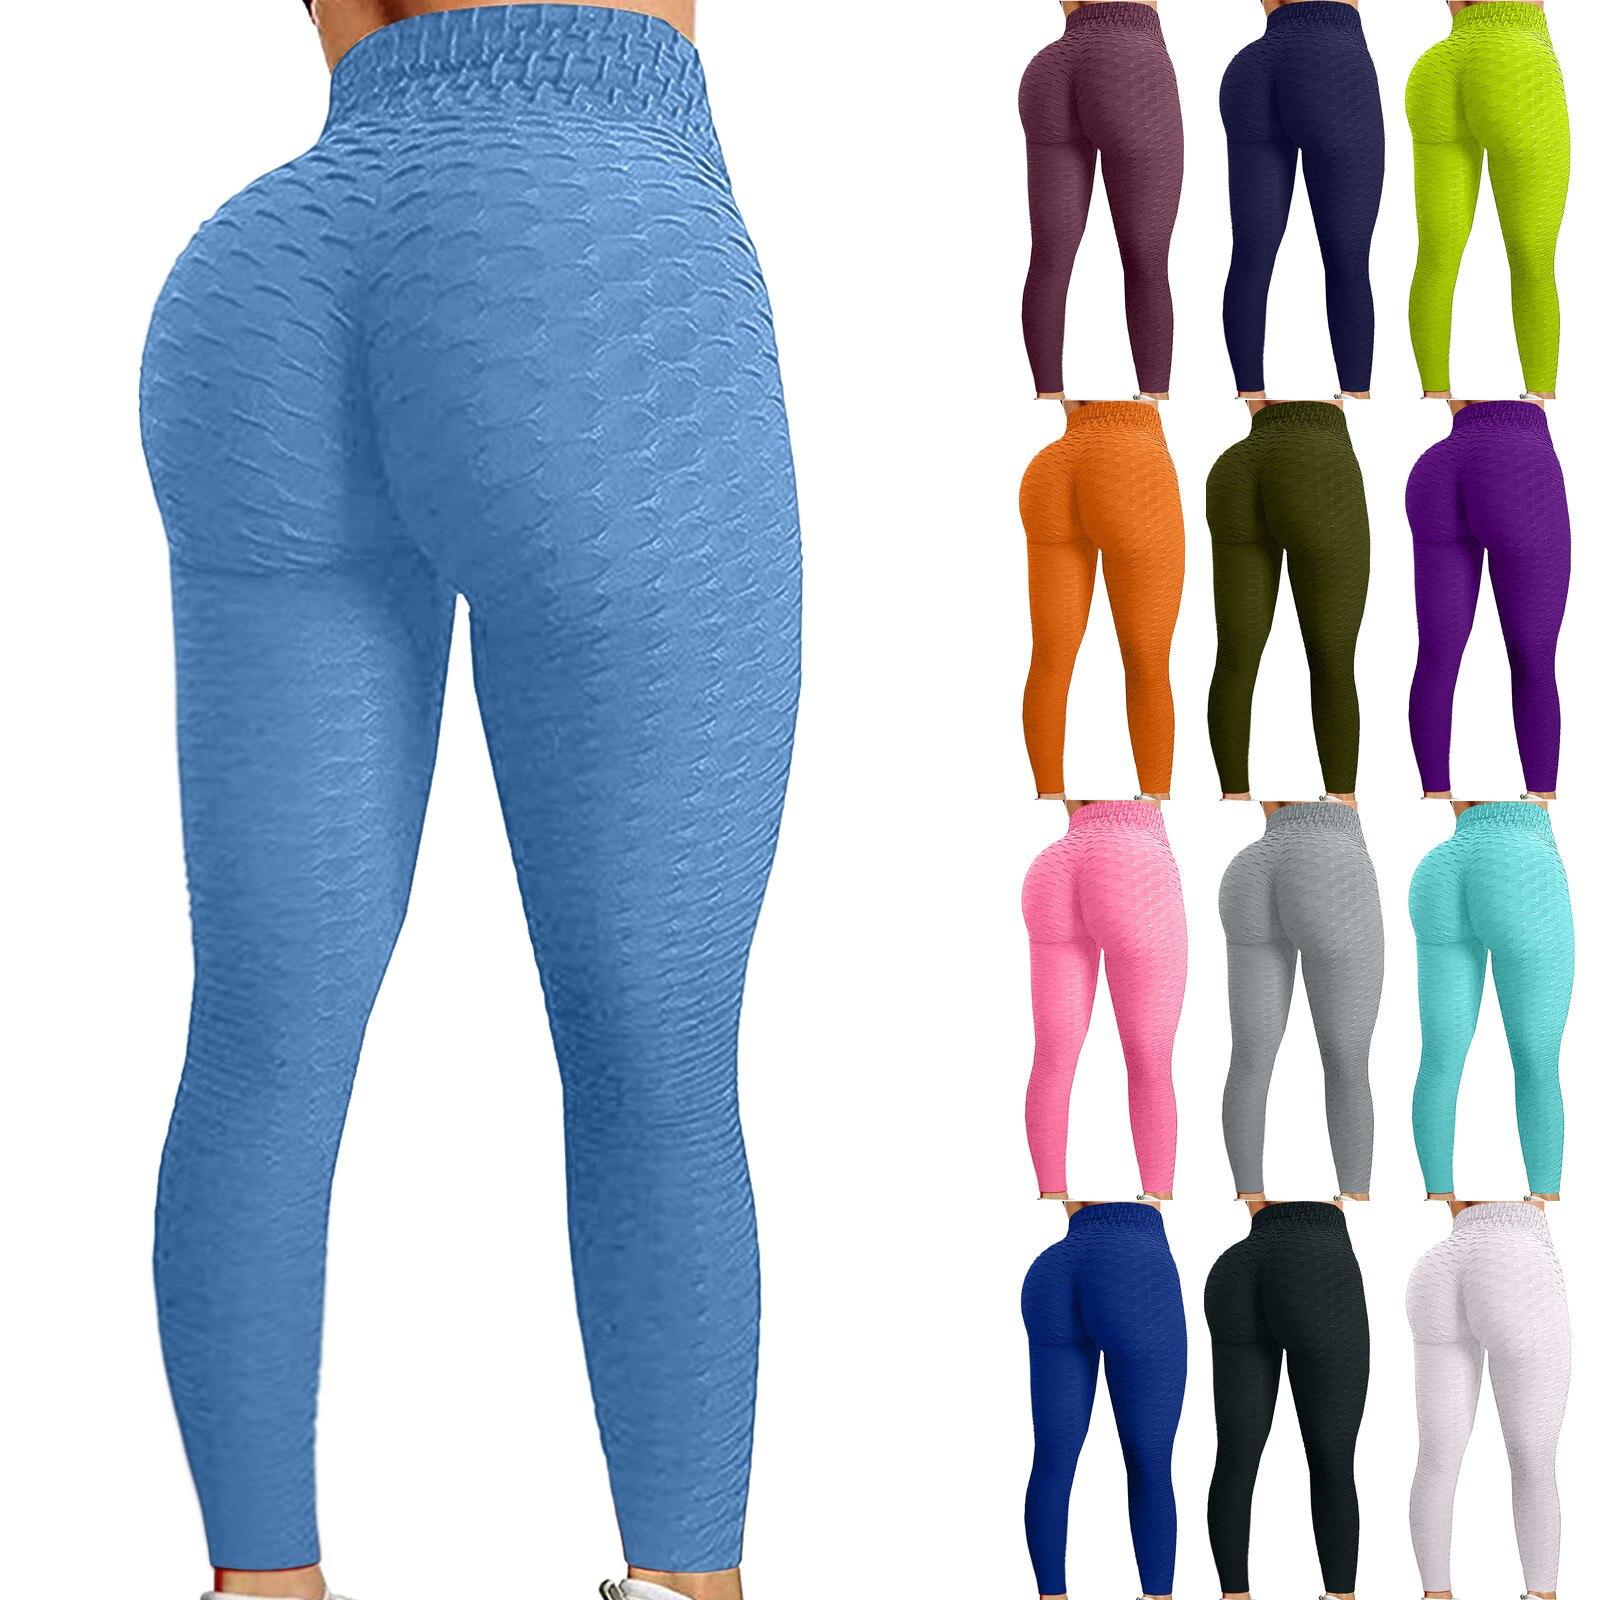 Женские леггинсы, штаны для йоги, спортивная одежда, леггинсы для фитнеса, тренажерного зала, Бесшовные штаны пуш-ап с высокой талией, одежда...